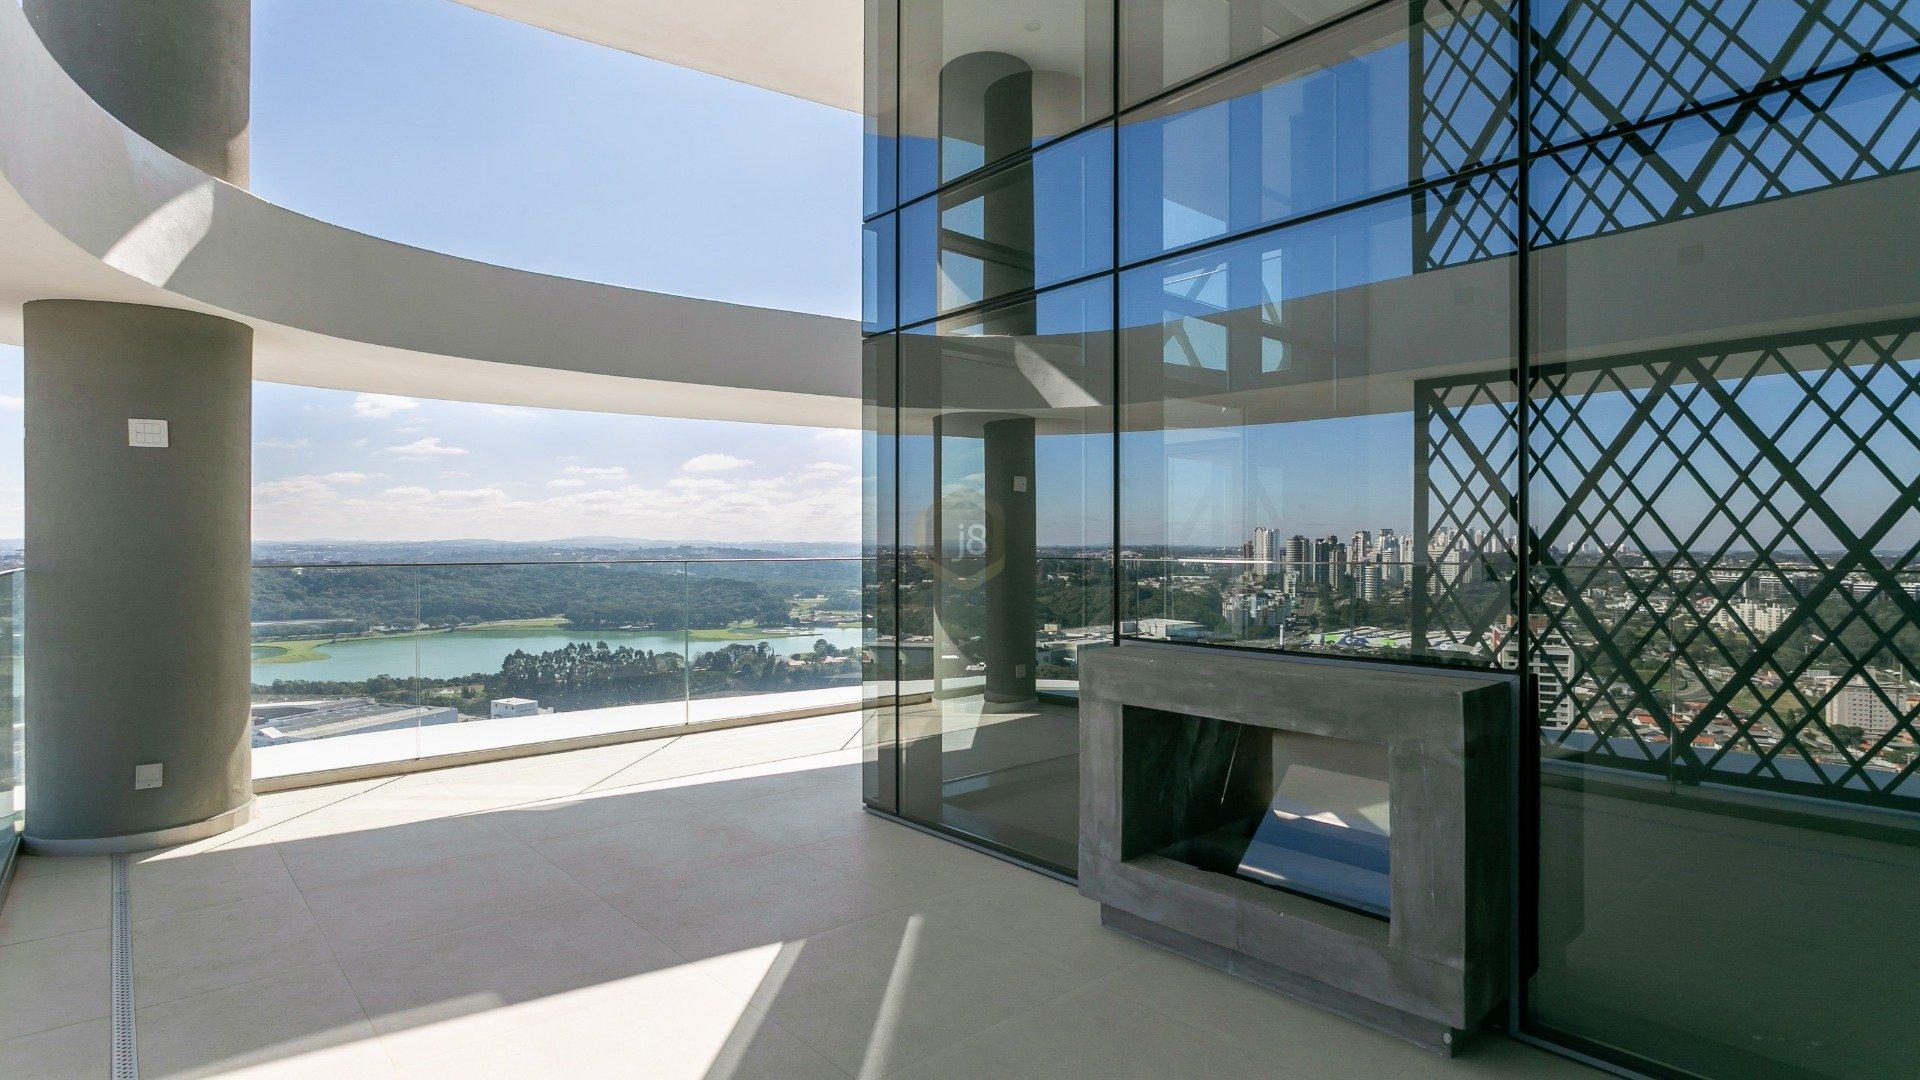 Foto de destaque Luxo e exclusividade com a vista mais desejada da cidade! 4 suítés